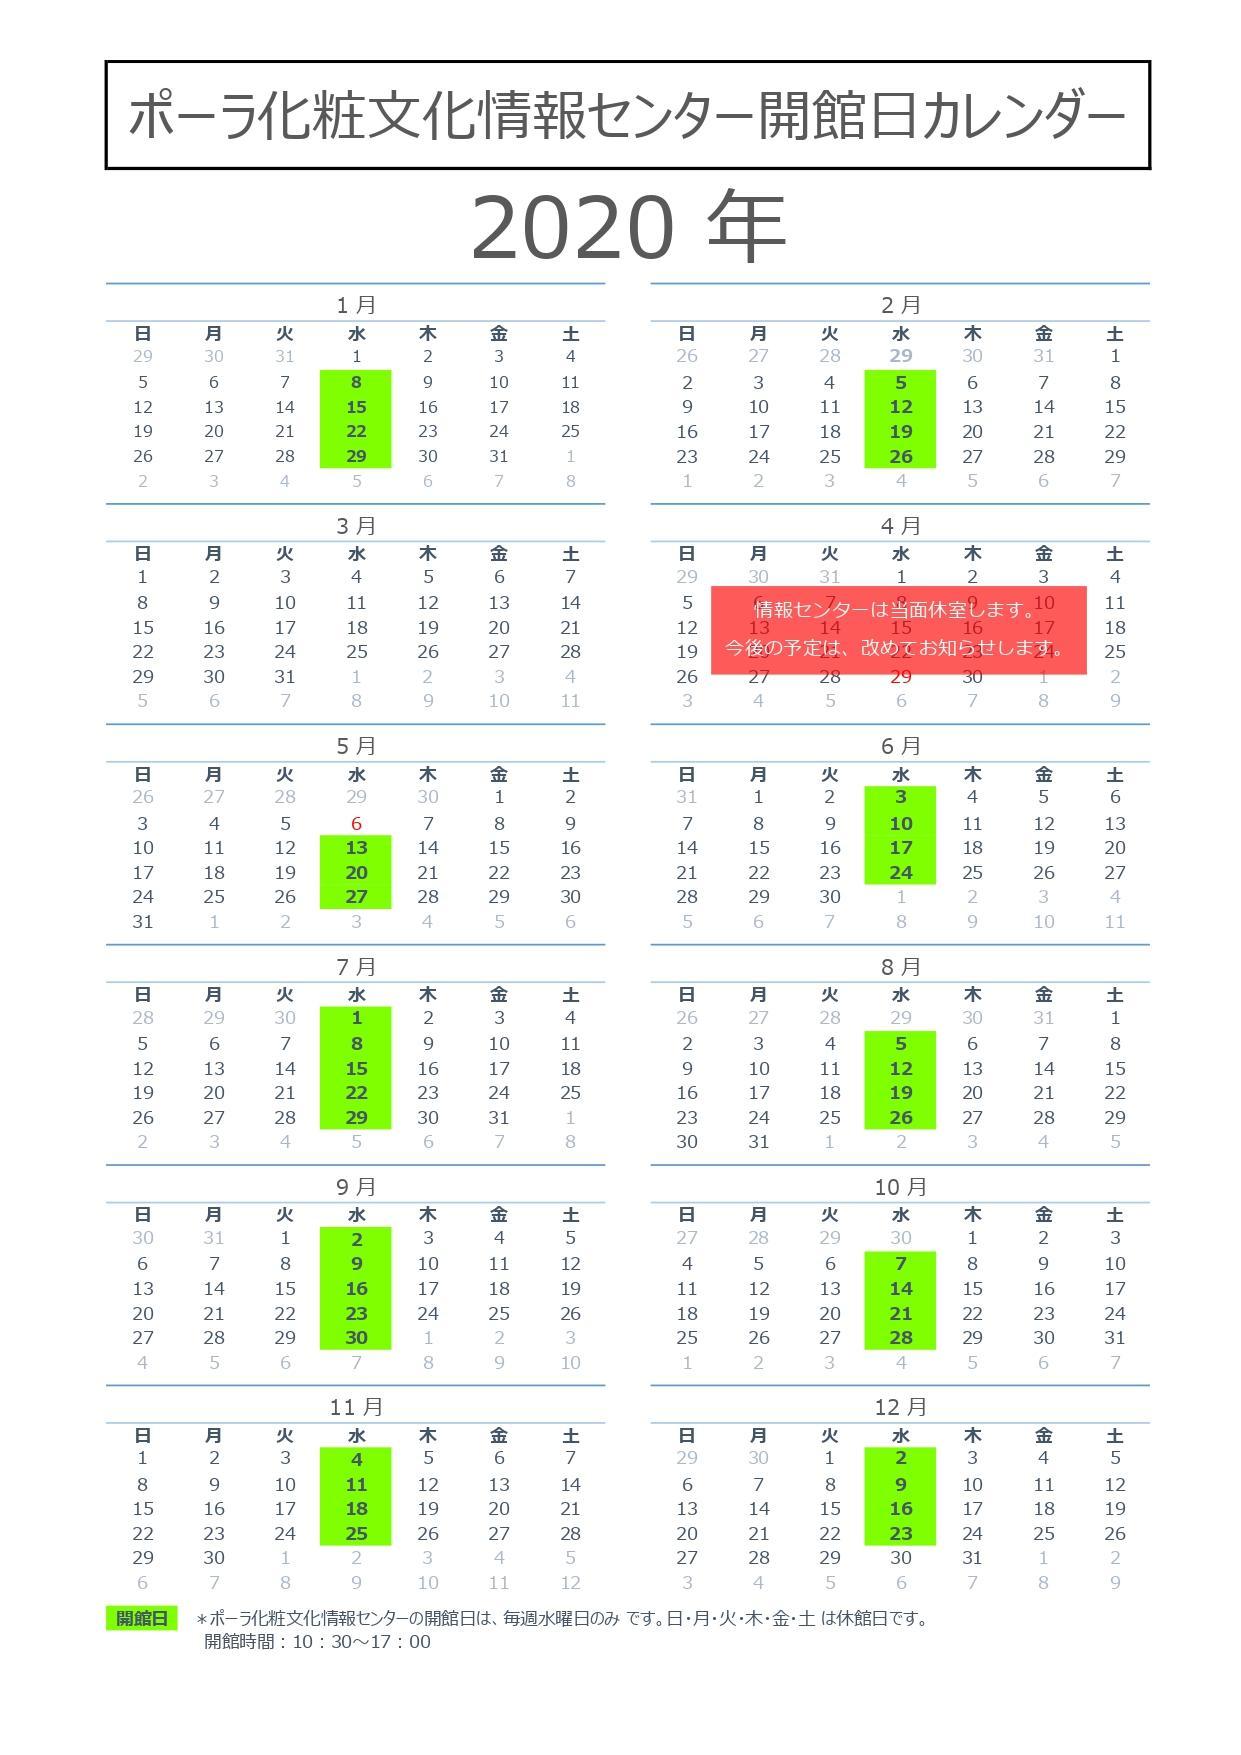 calendar_202004.jpg